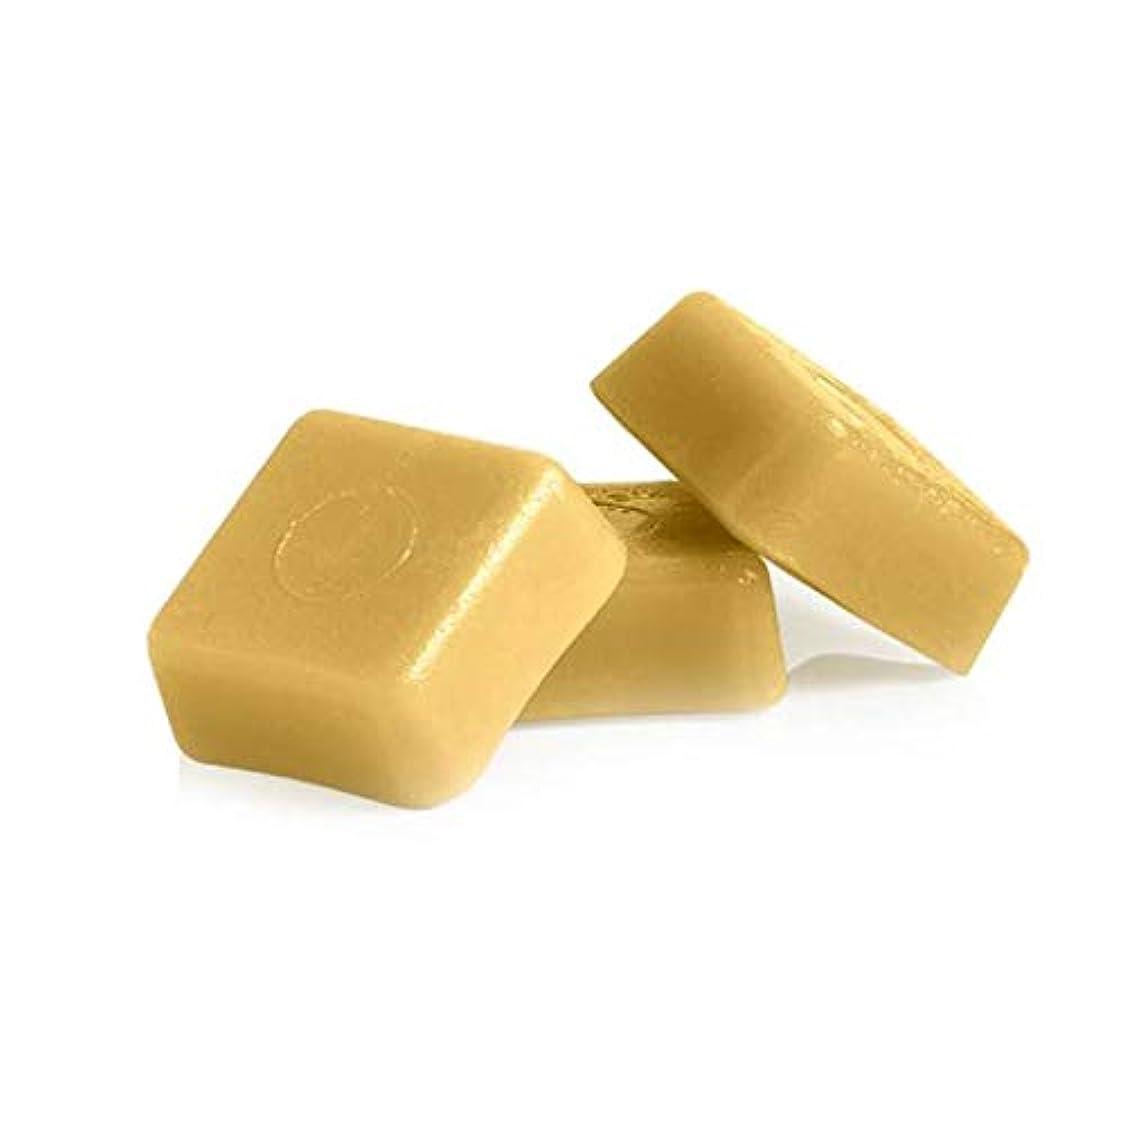 バッテリーパッケージ風変わりな業務用ブラジリアンワックス|プロ専用脱毛ハードワックスStarpil Wax:ゴールド?スターピル (ORO) 1000g